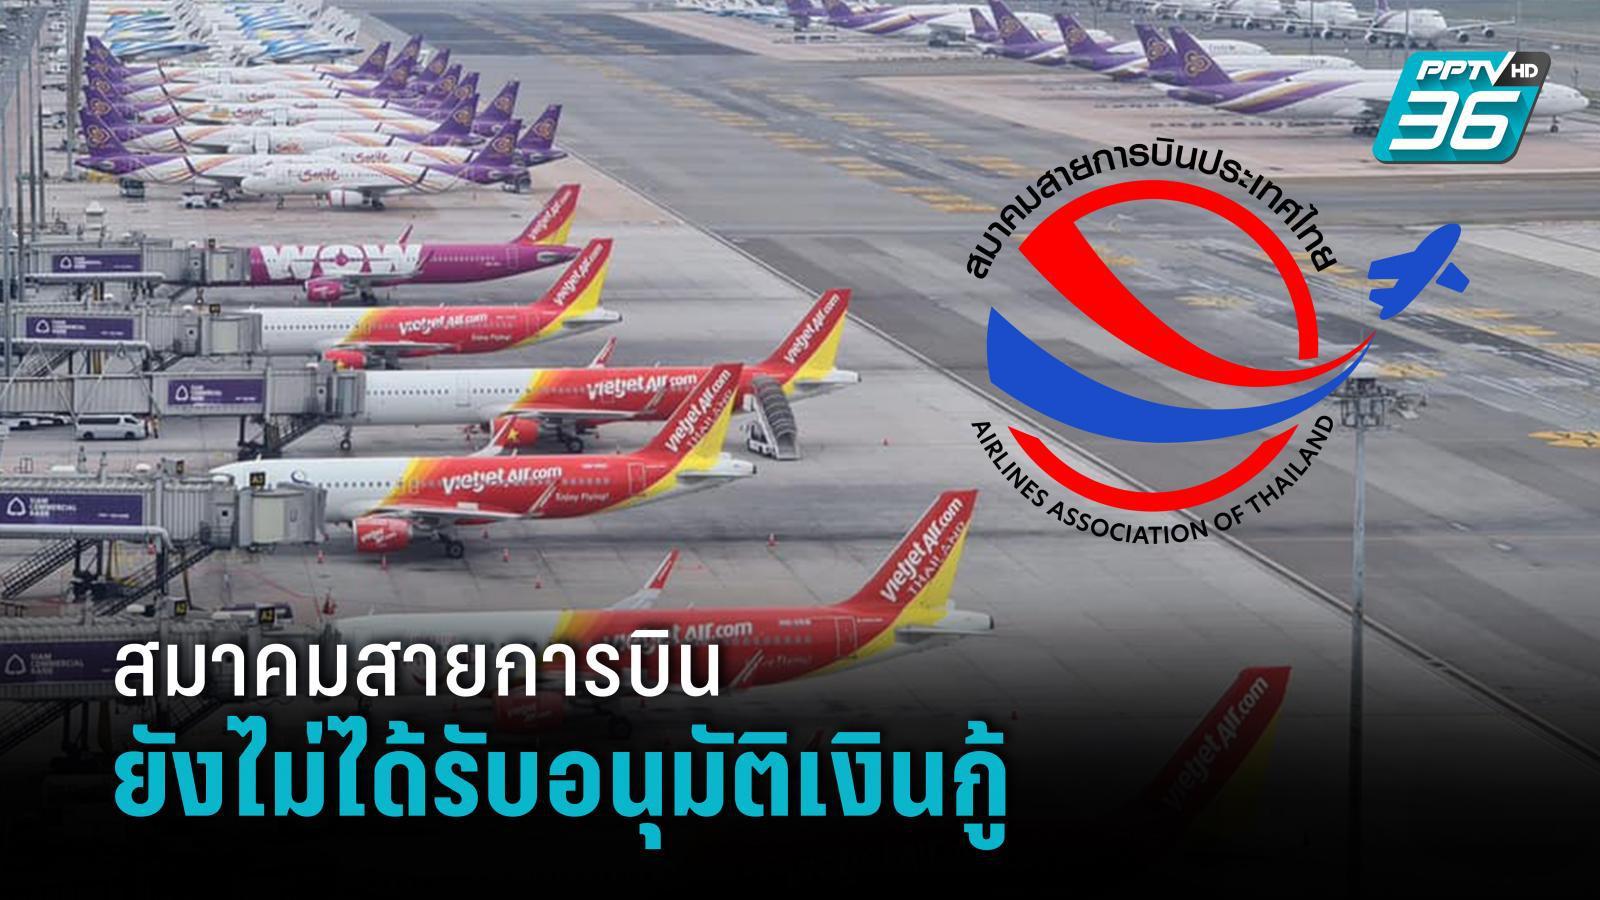 สมาคมสายการบินประเทศไทย ยืนยัน ยังไม่ได้รับอนุมัติเงินกู้จากรัฐบาล